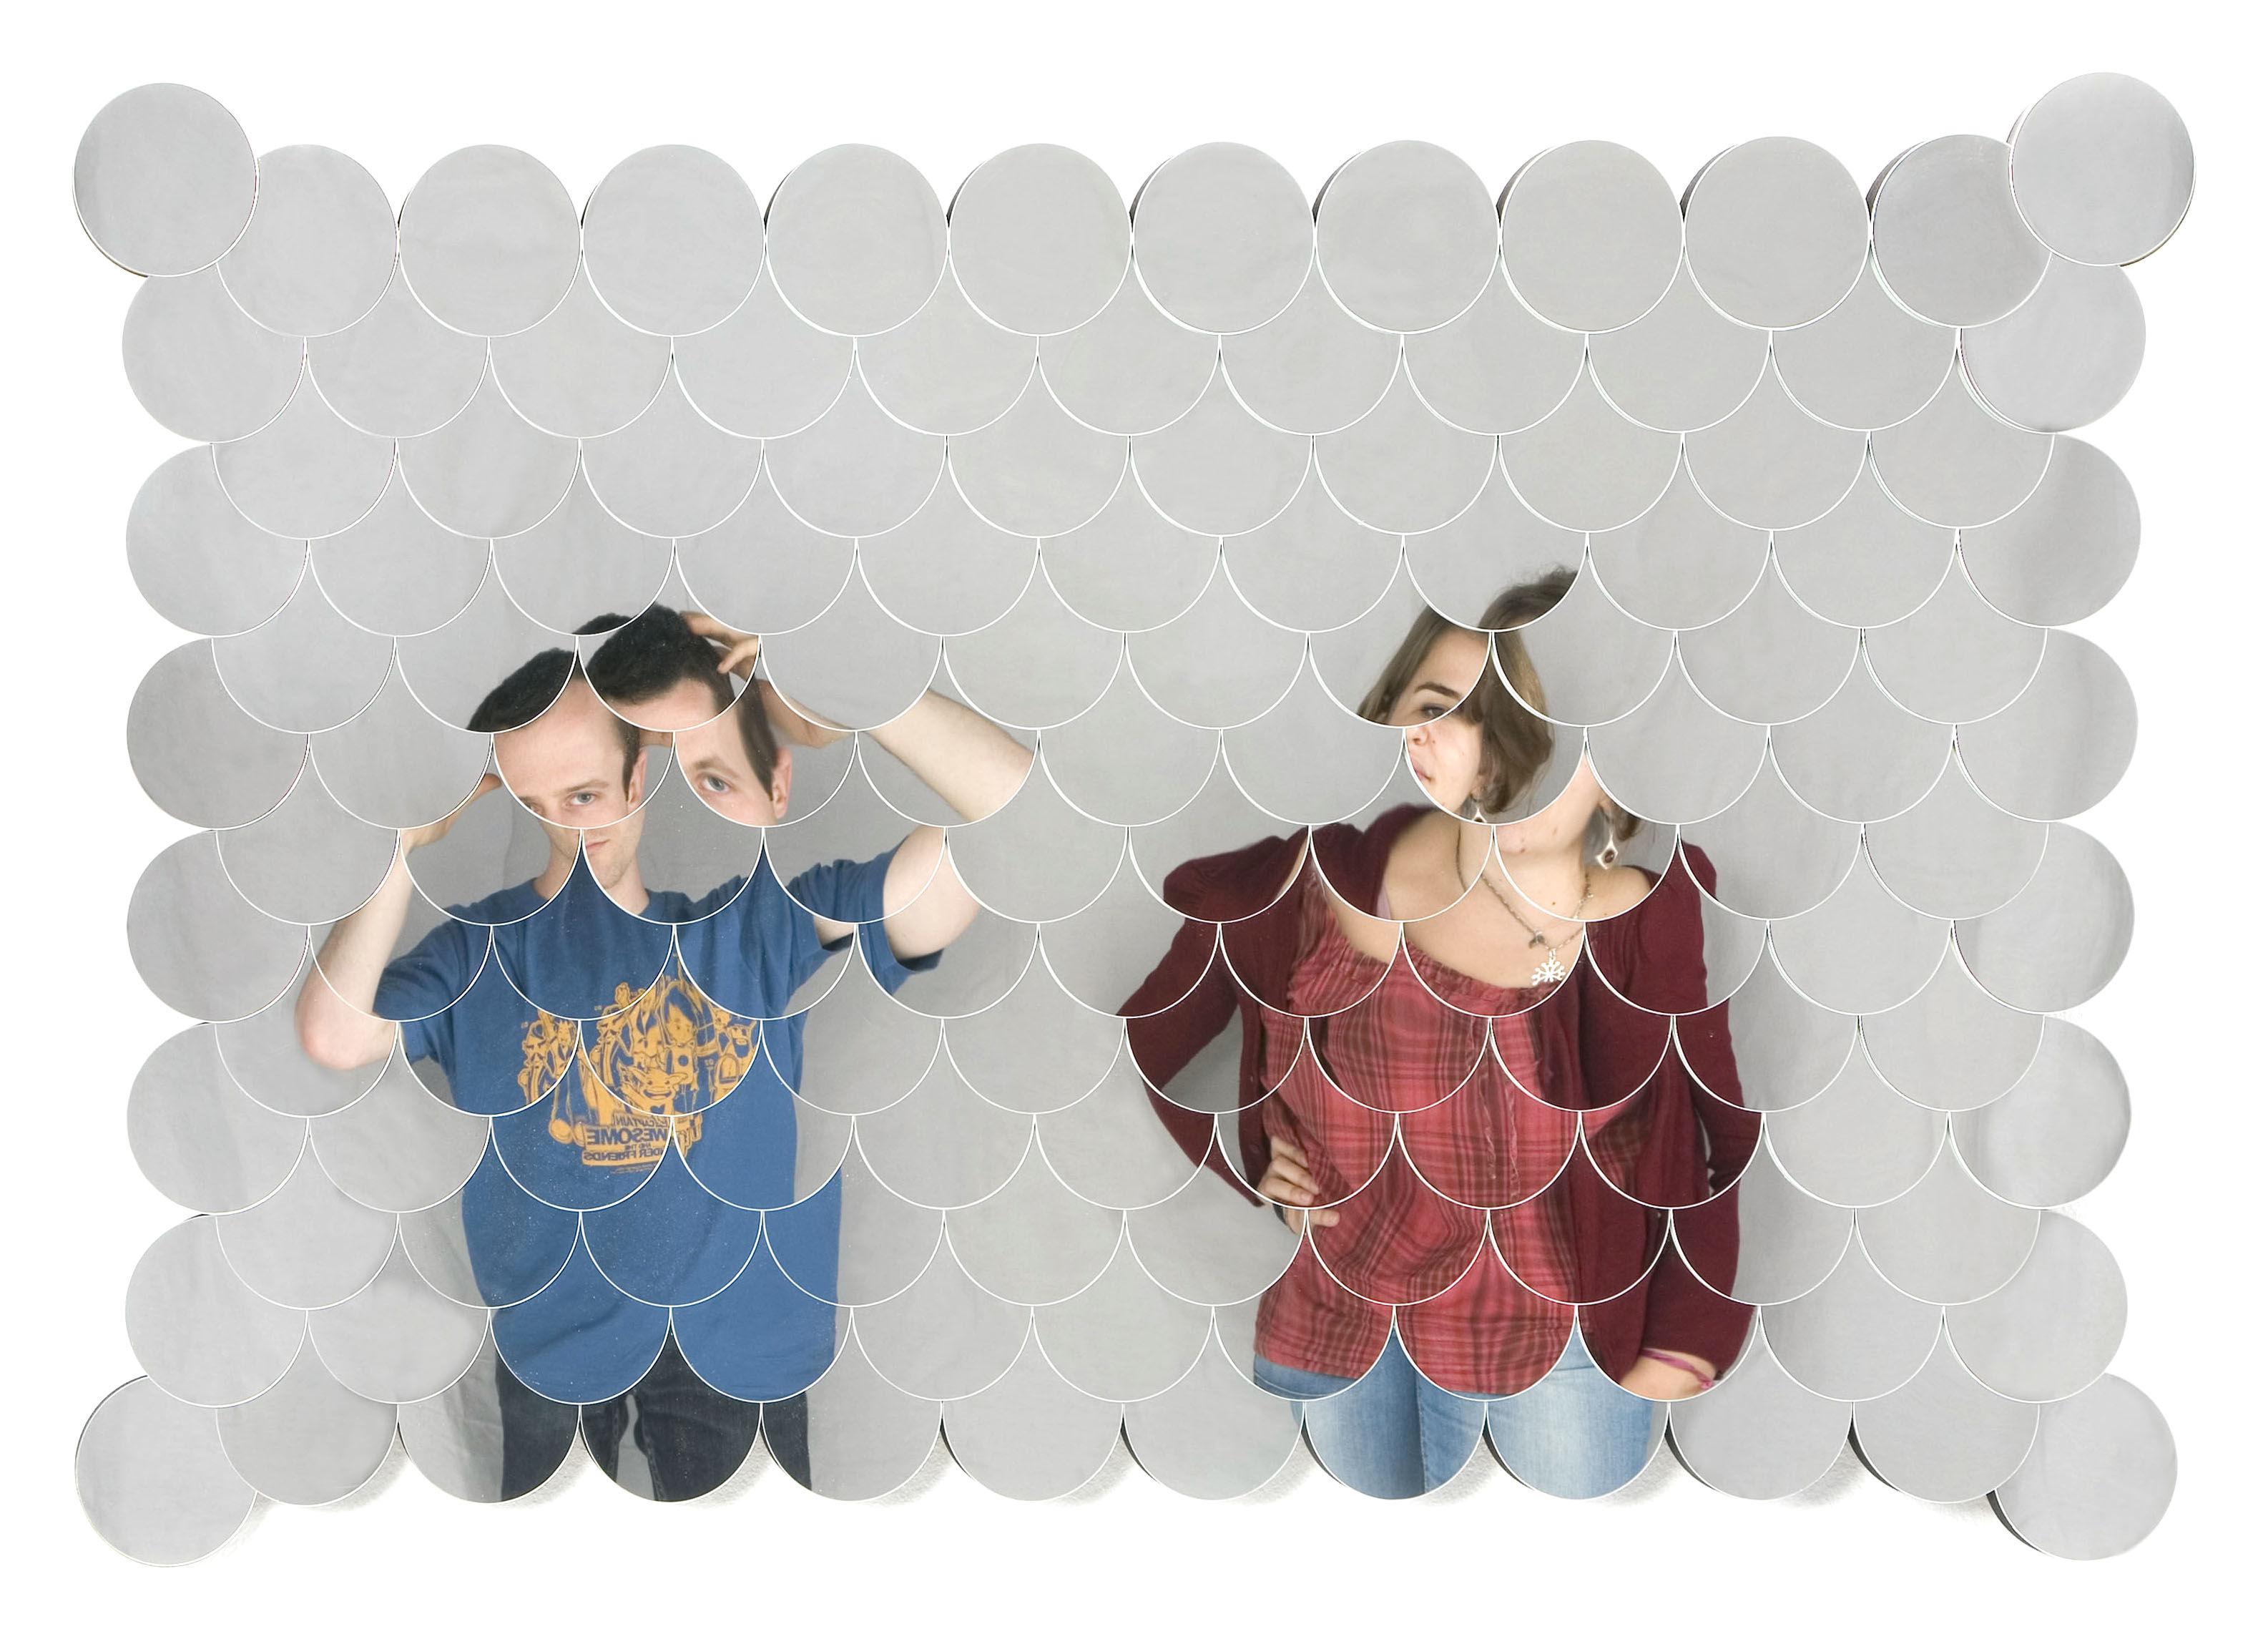 Möbel - Spiegel - Sirène Small Wandspiegel kleine Ausführung - B 104 x H 69 cm - Tsé-Tsé - Kleine Ausführung - 104 x 69 cm - Glas